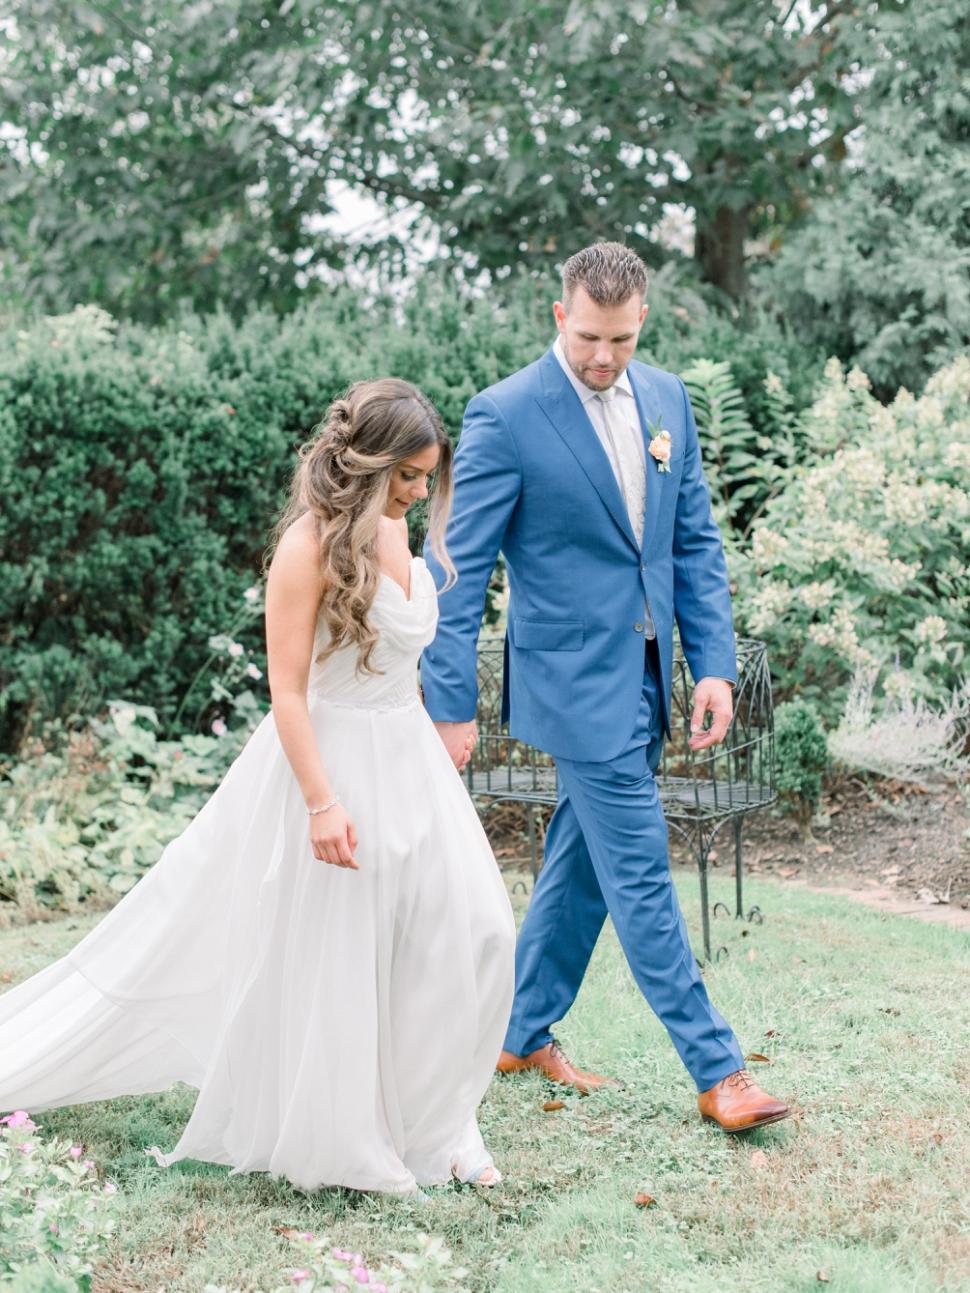 New-Jersey-Wedding-Photographer-Cassi-Claire-Inn-at-Fernbrook-Farms-Wedding_14.jpg